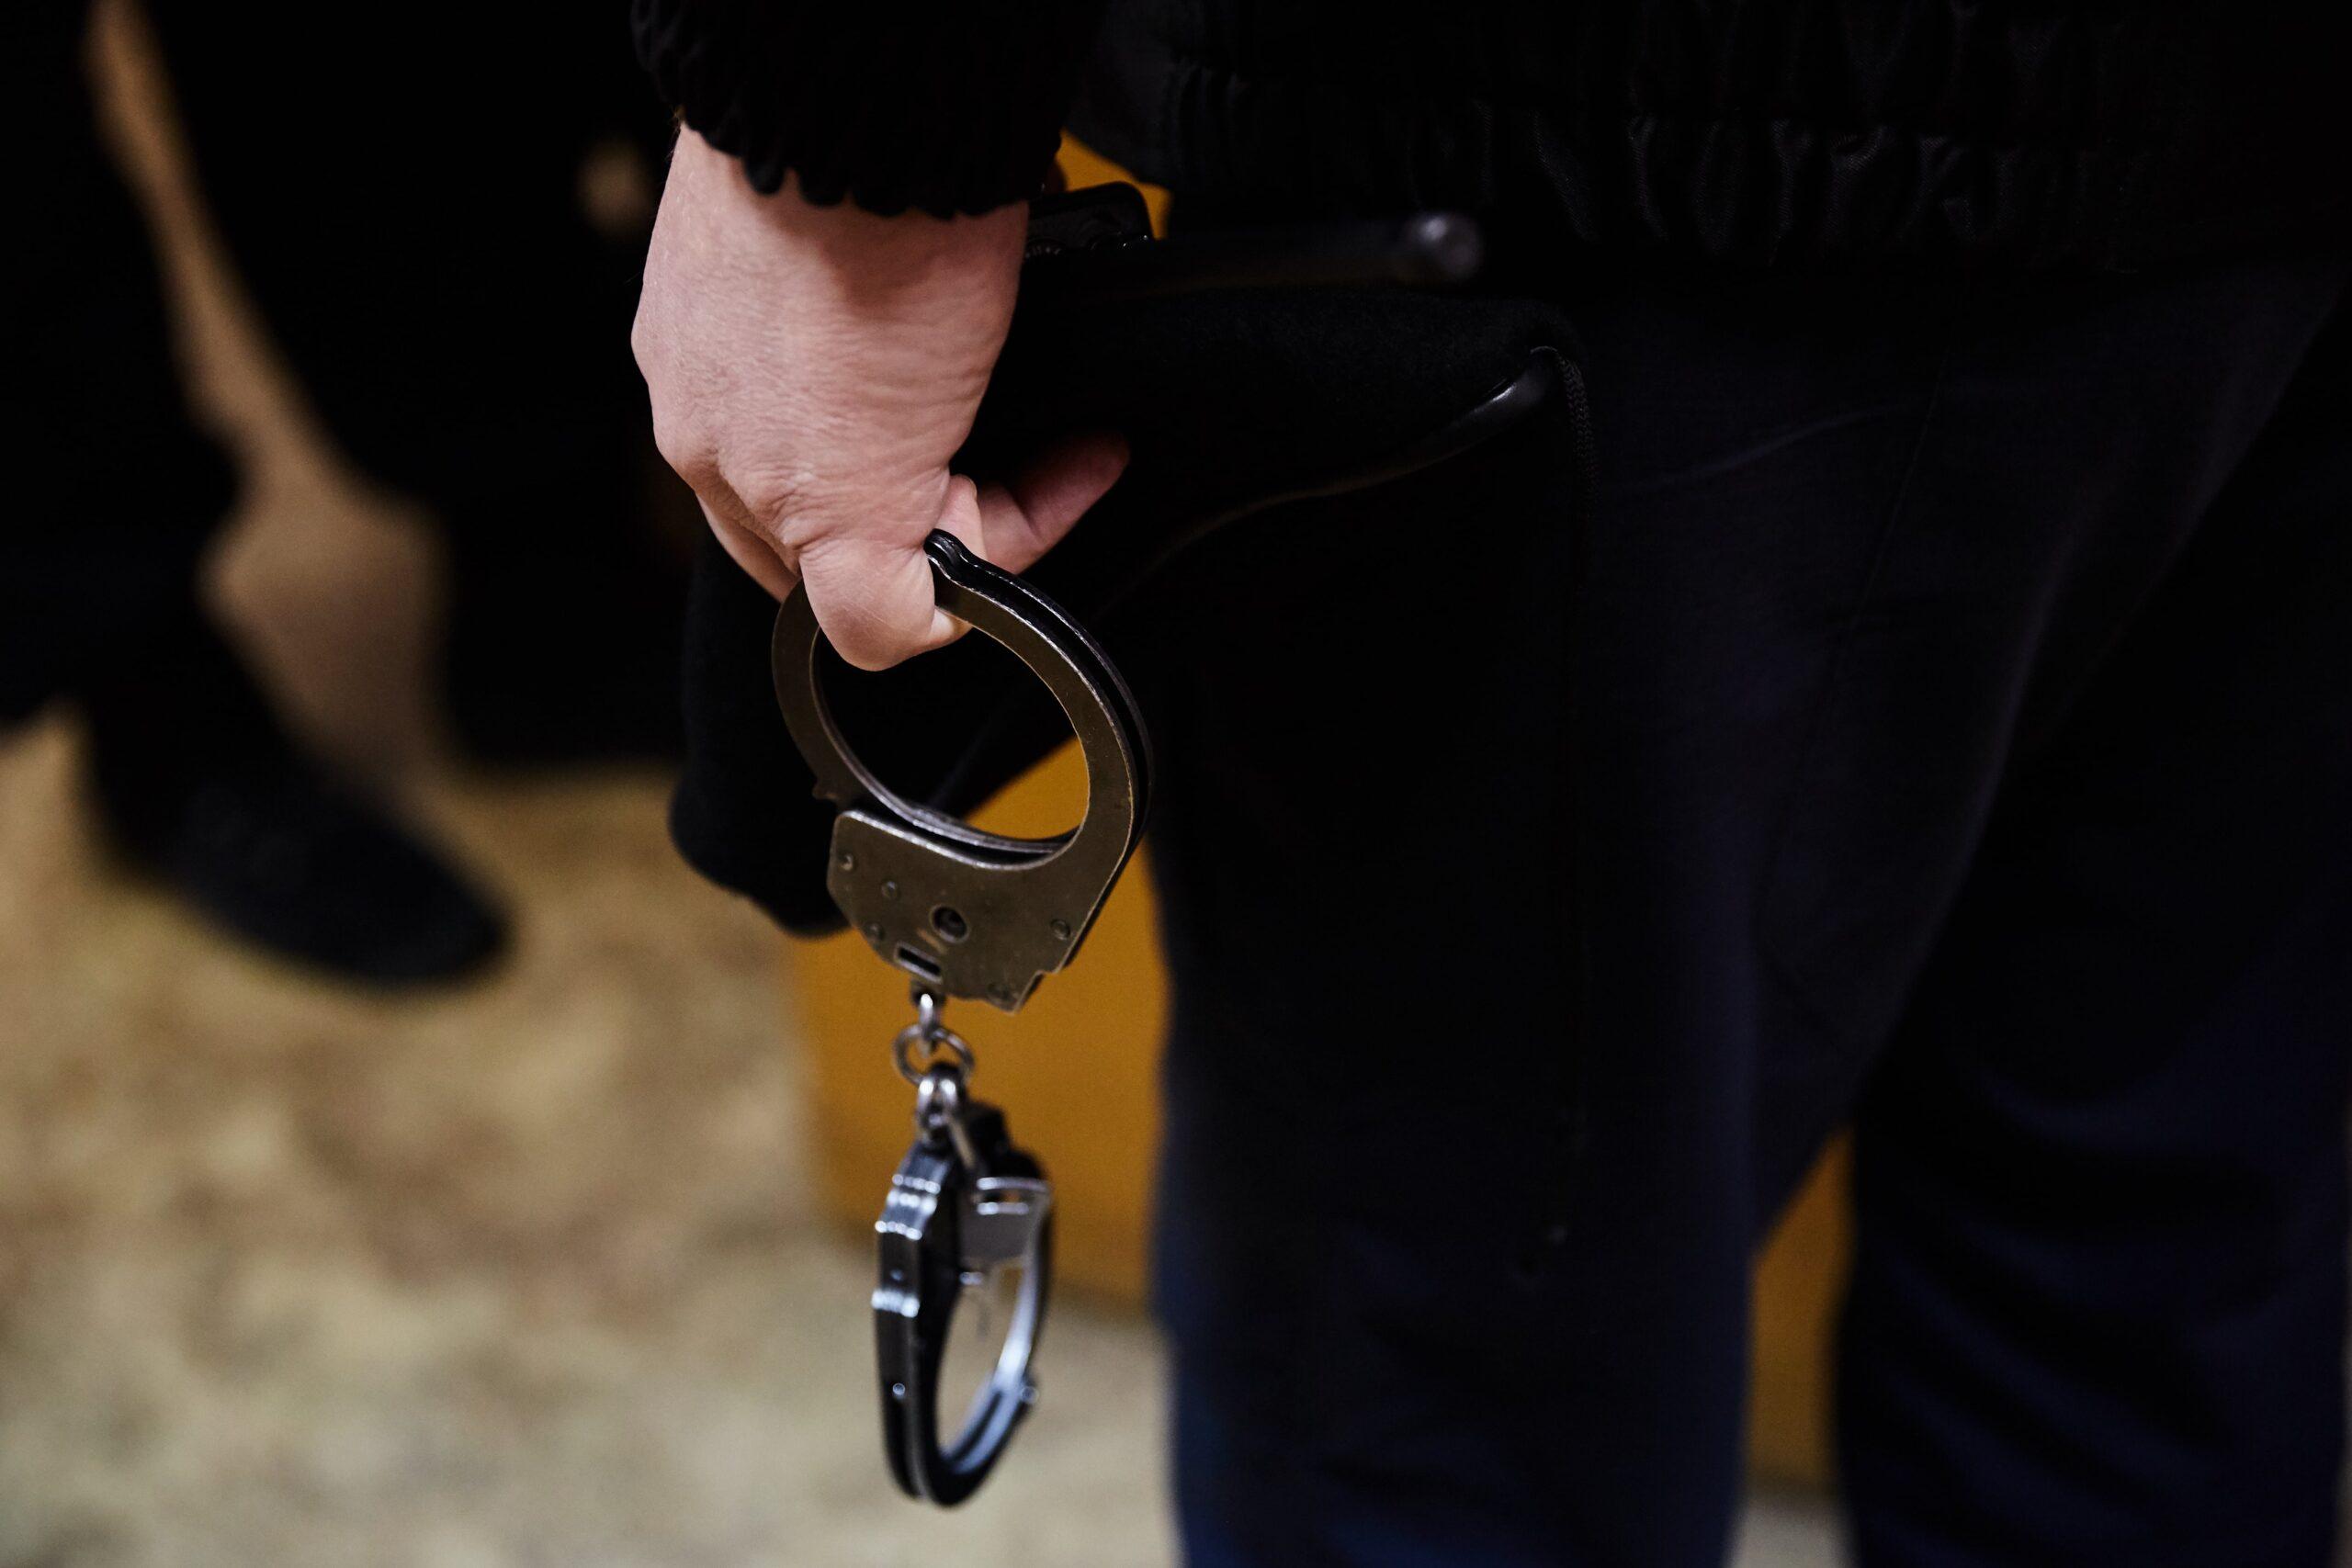 В Тверской области грабитель отобрал у женщины все деньги и документы